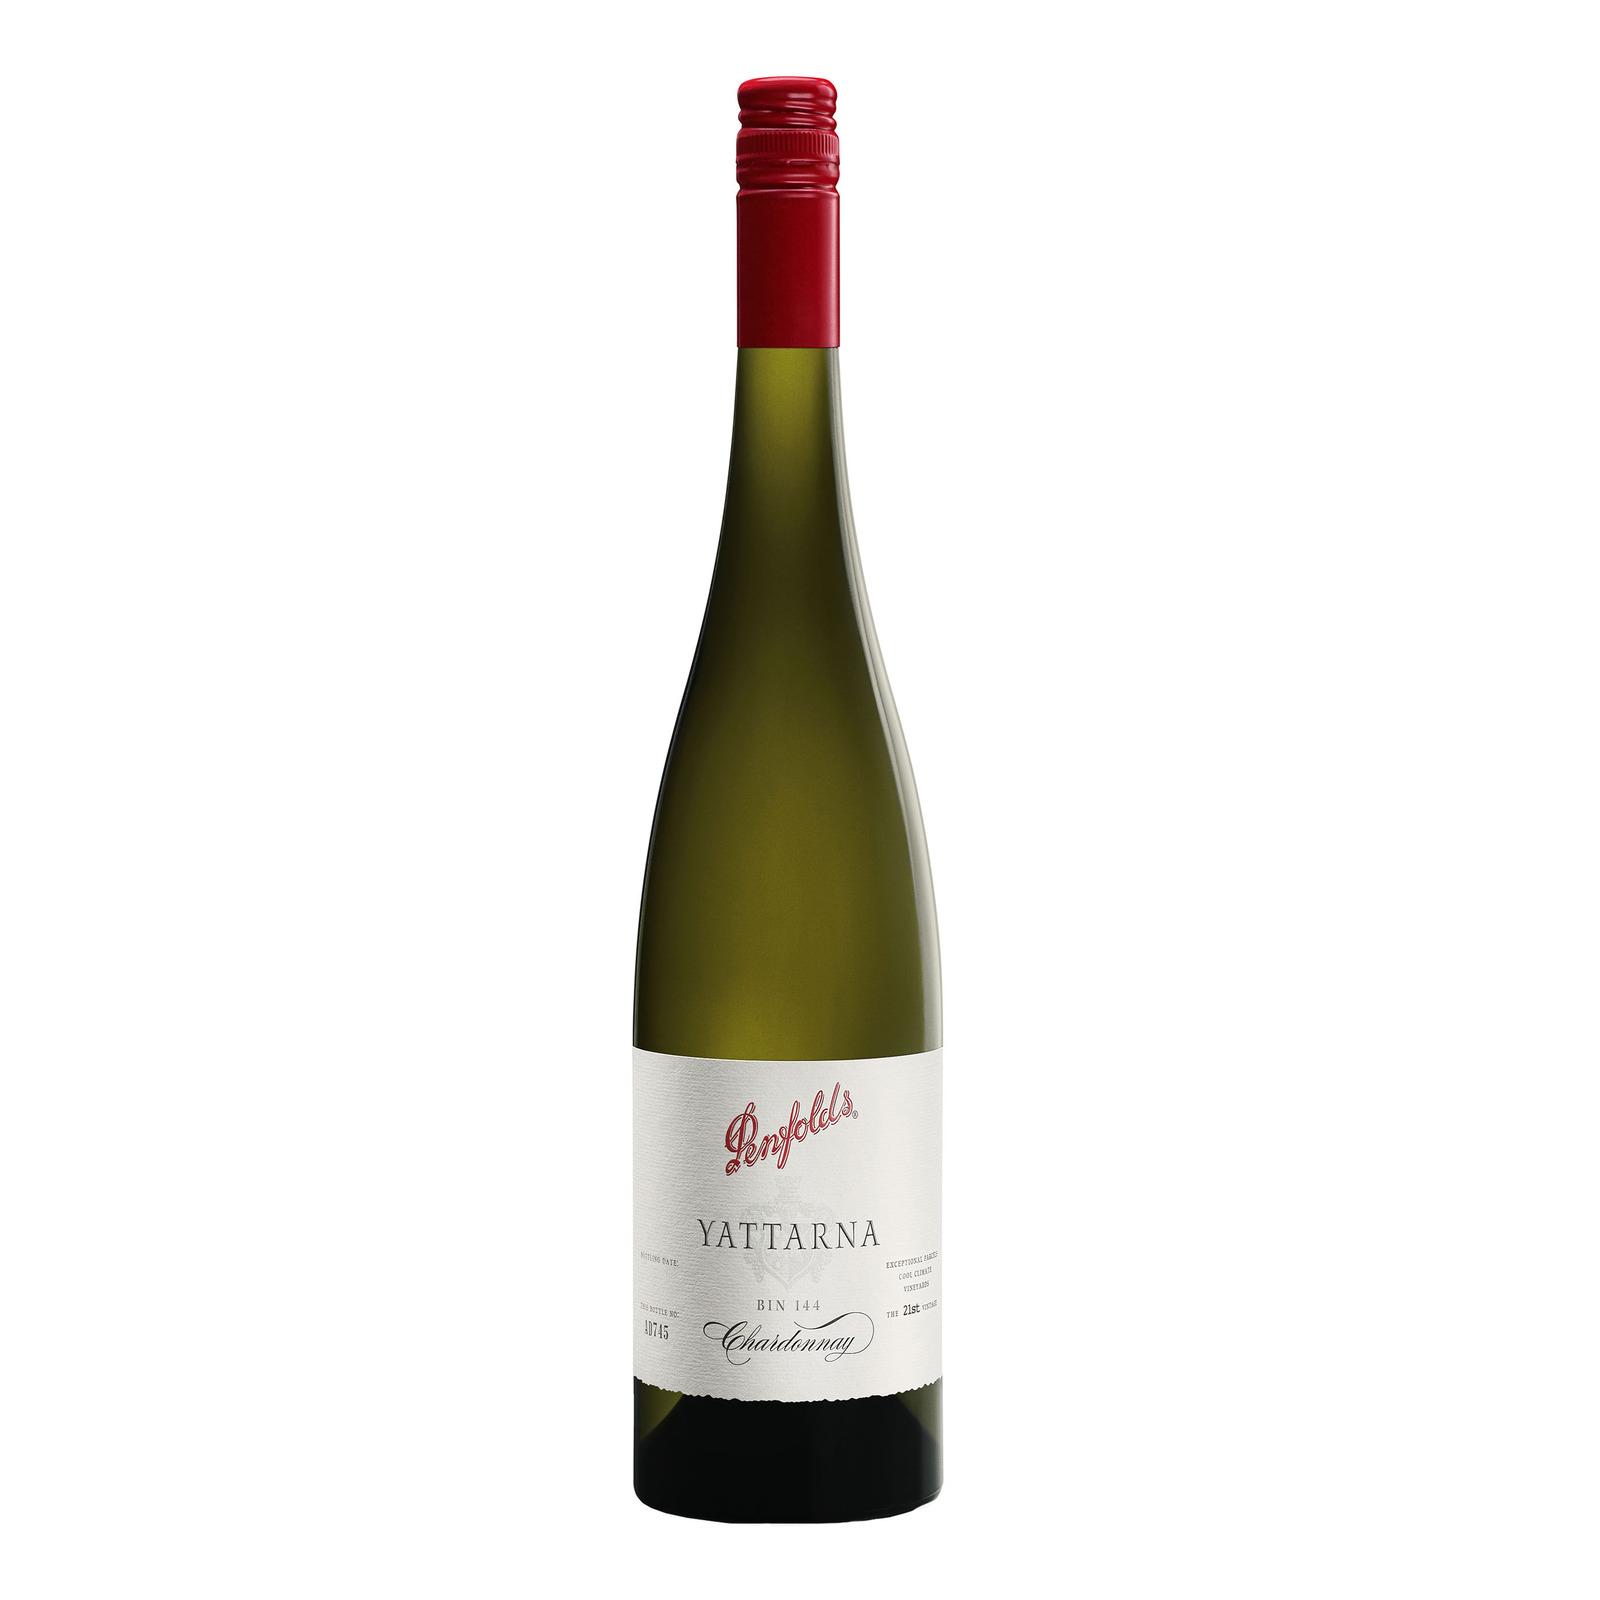 Penfolds Yattarna White Wine - Chardonnay